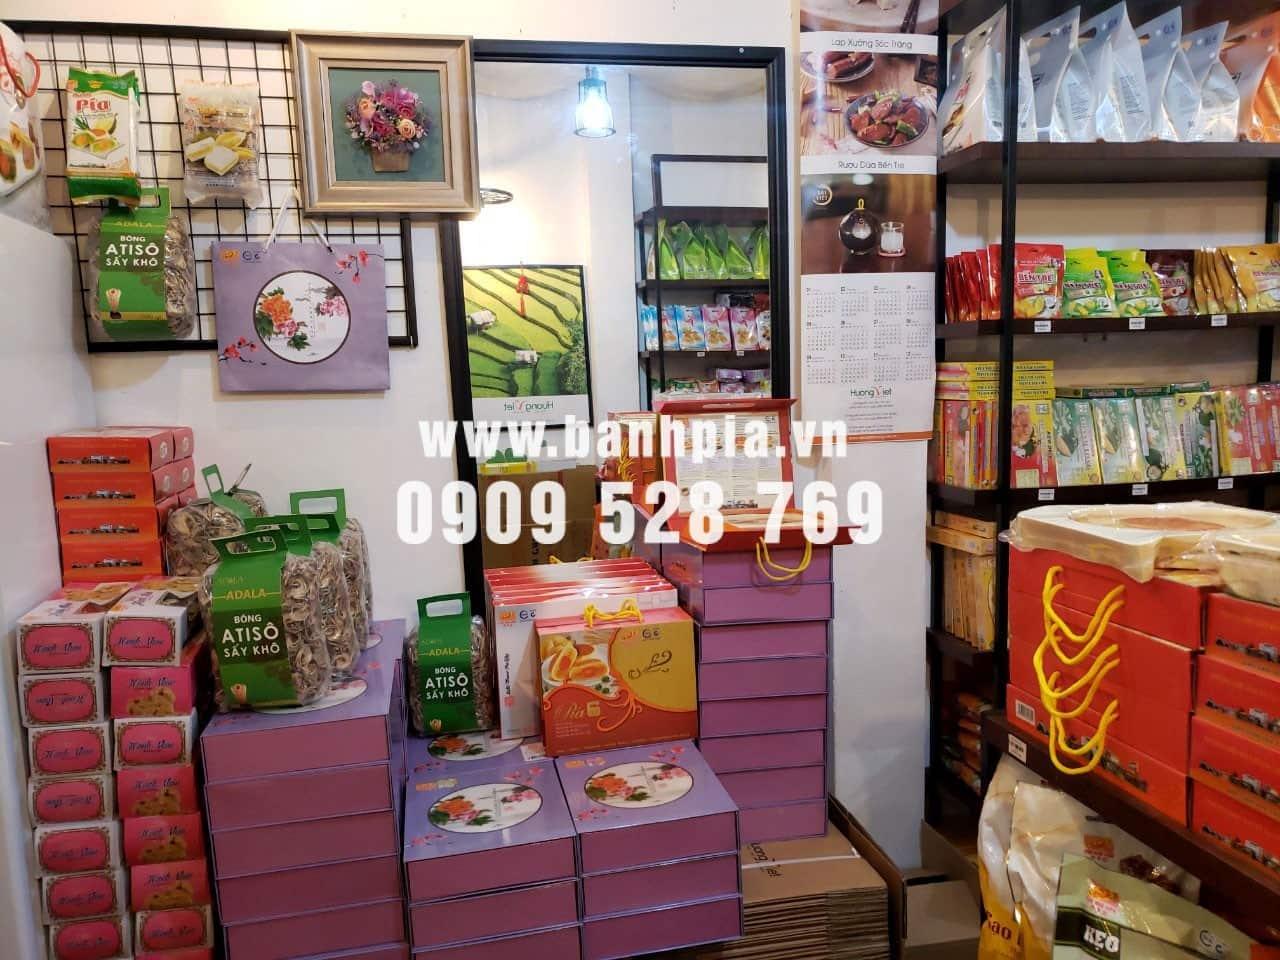 Chọn mua quà bánh trung thu Sài Gòn về Hà nội